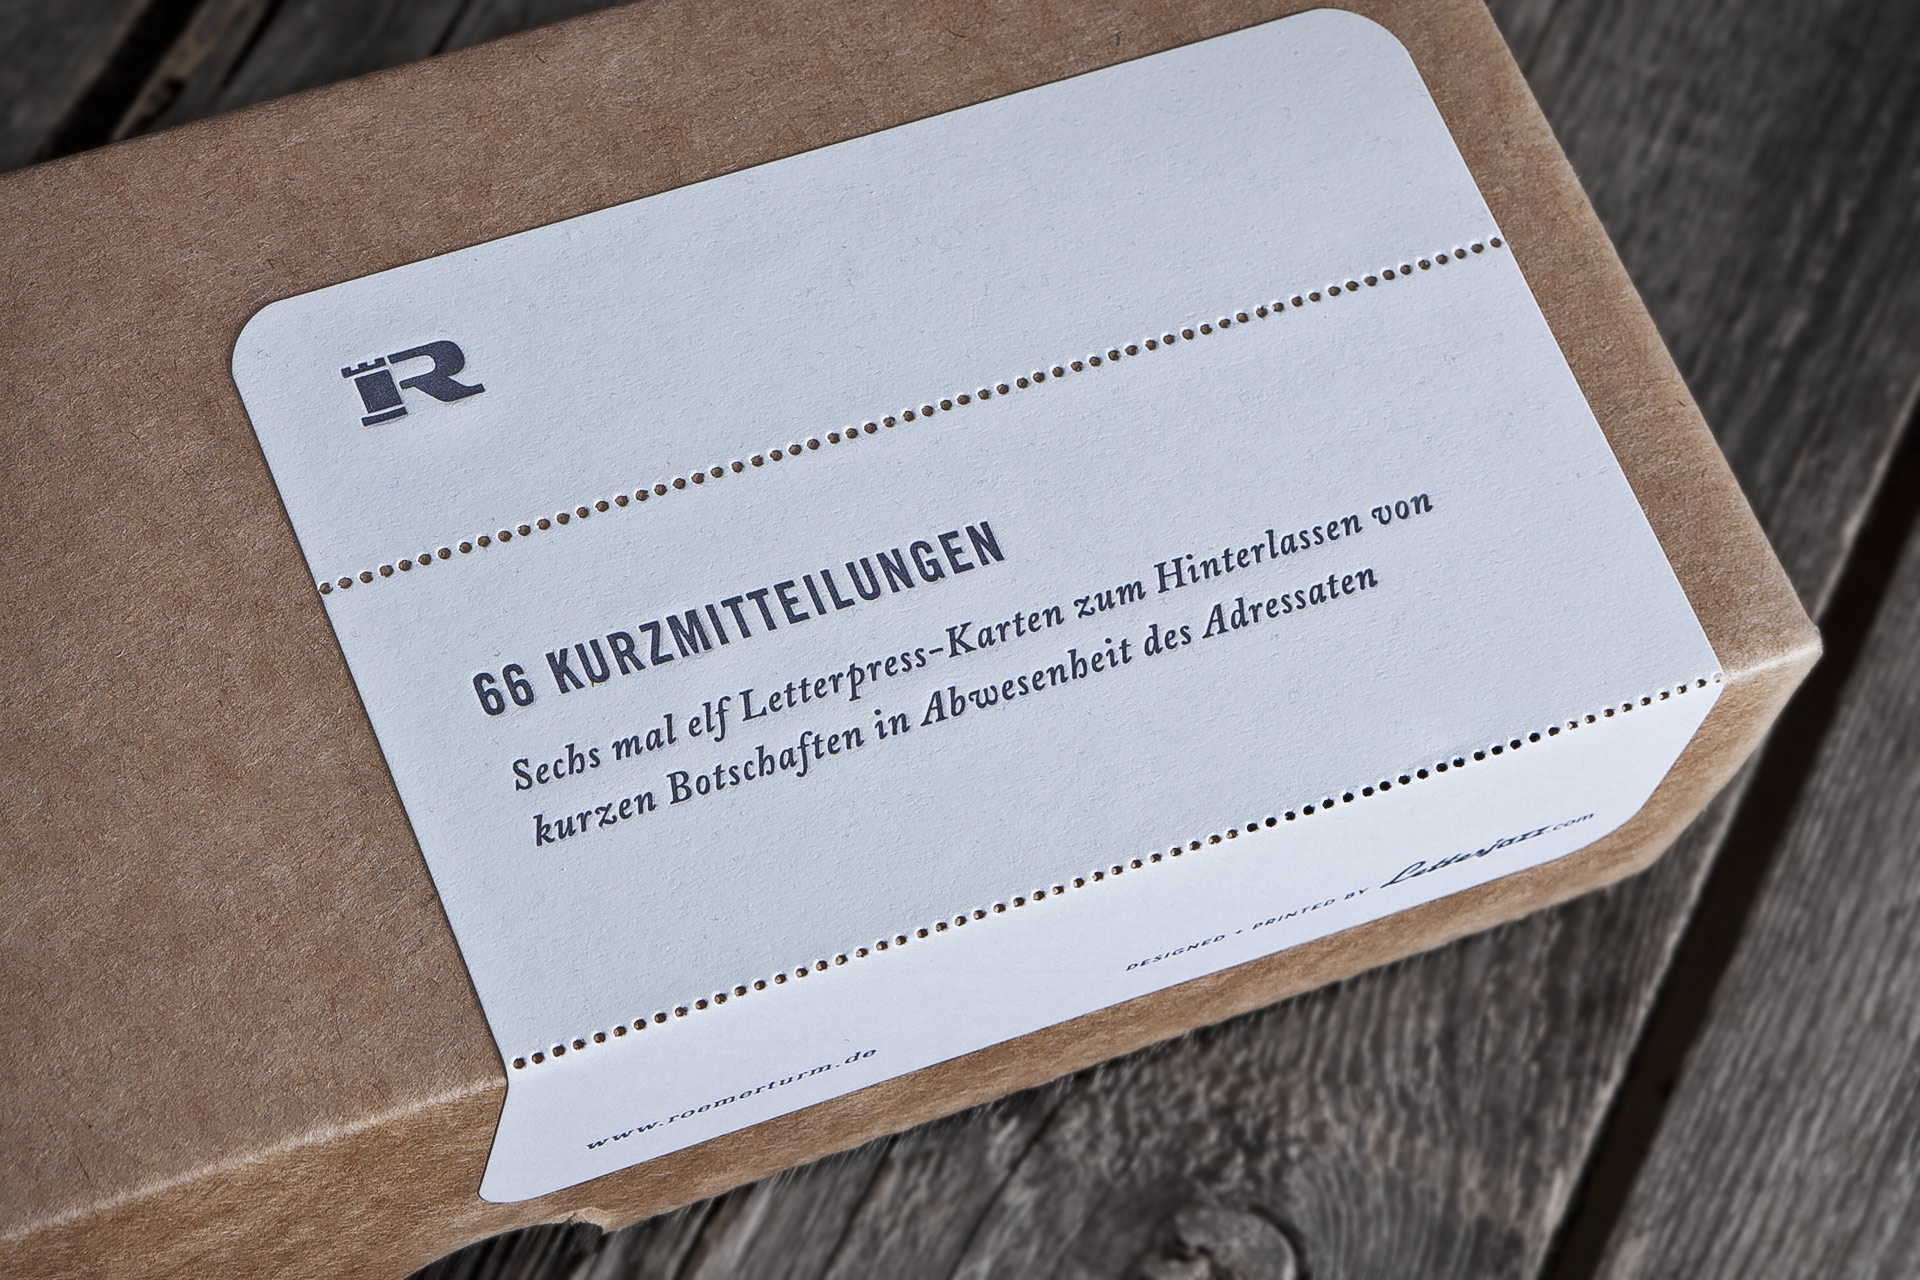 Römerturm-Box